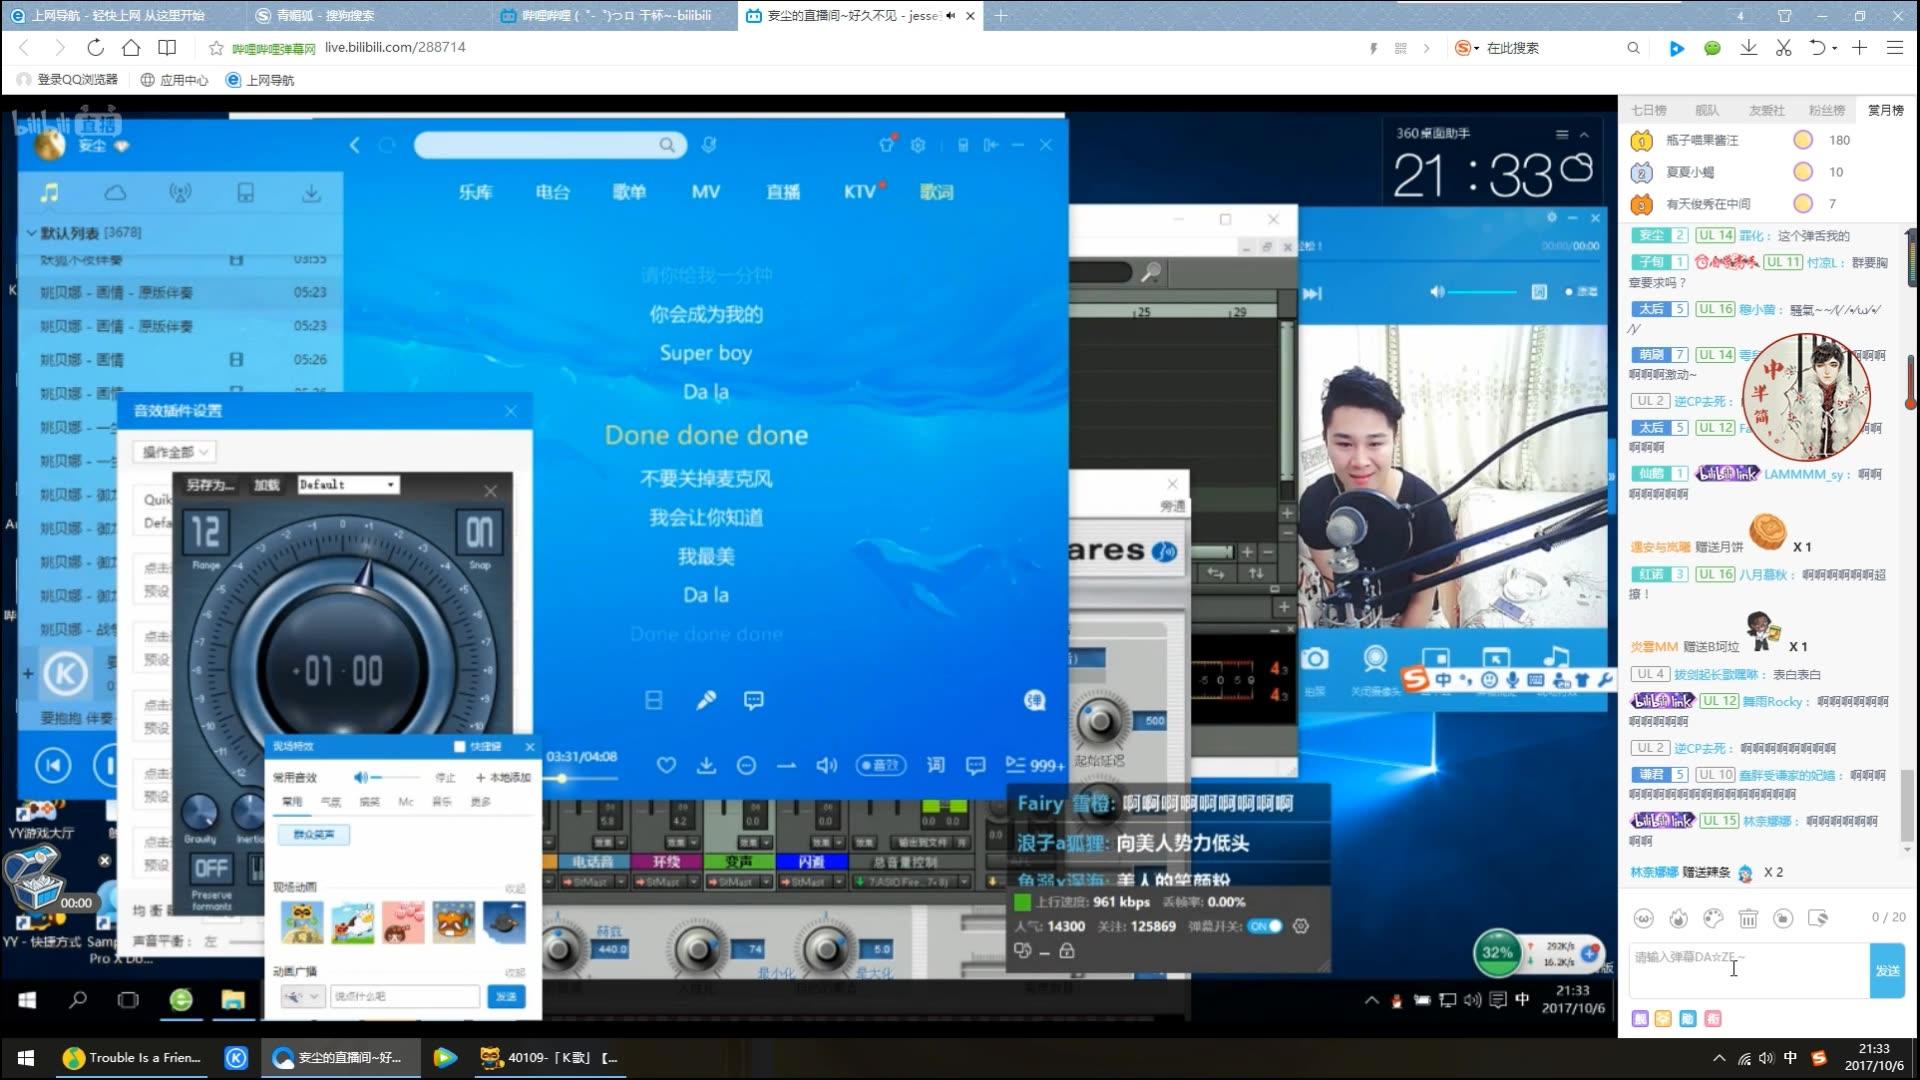 电脑直播录屏软件排行_电脑直播录屏软件排行